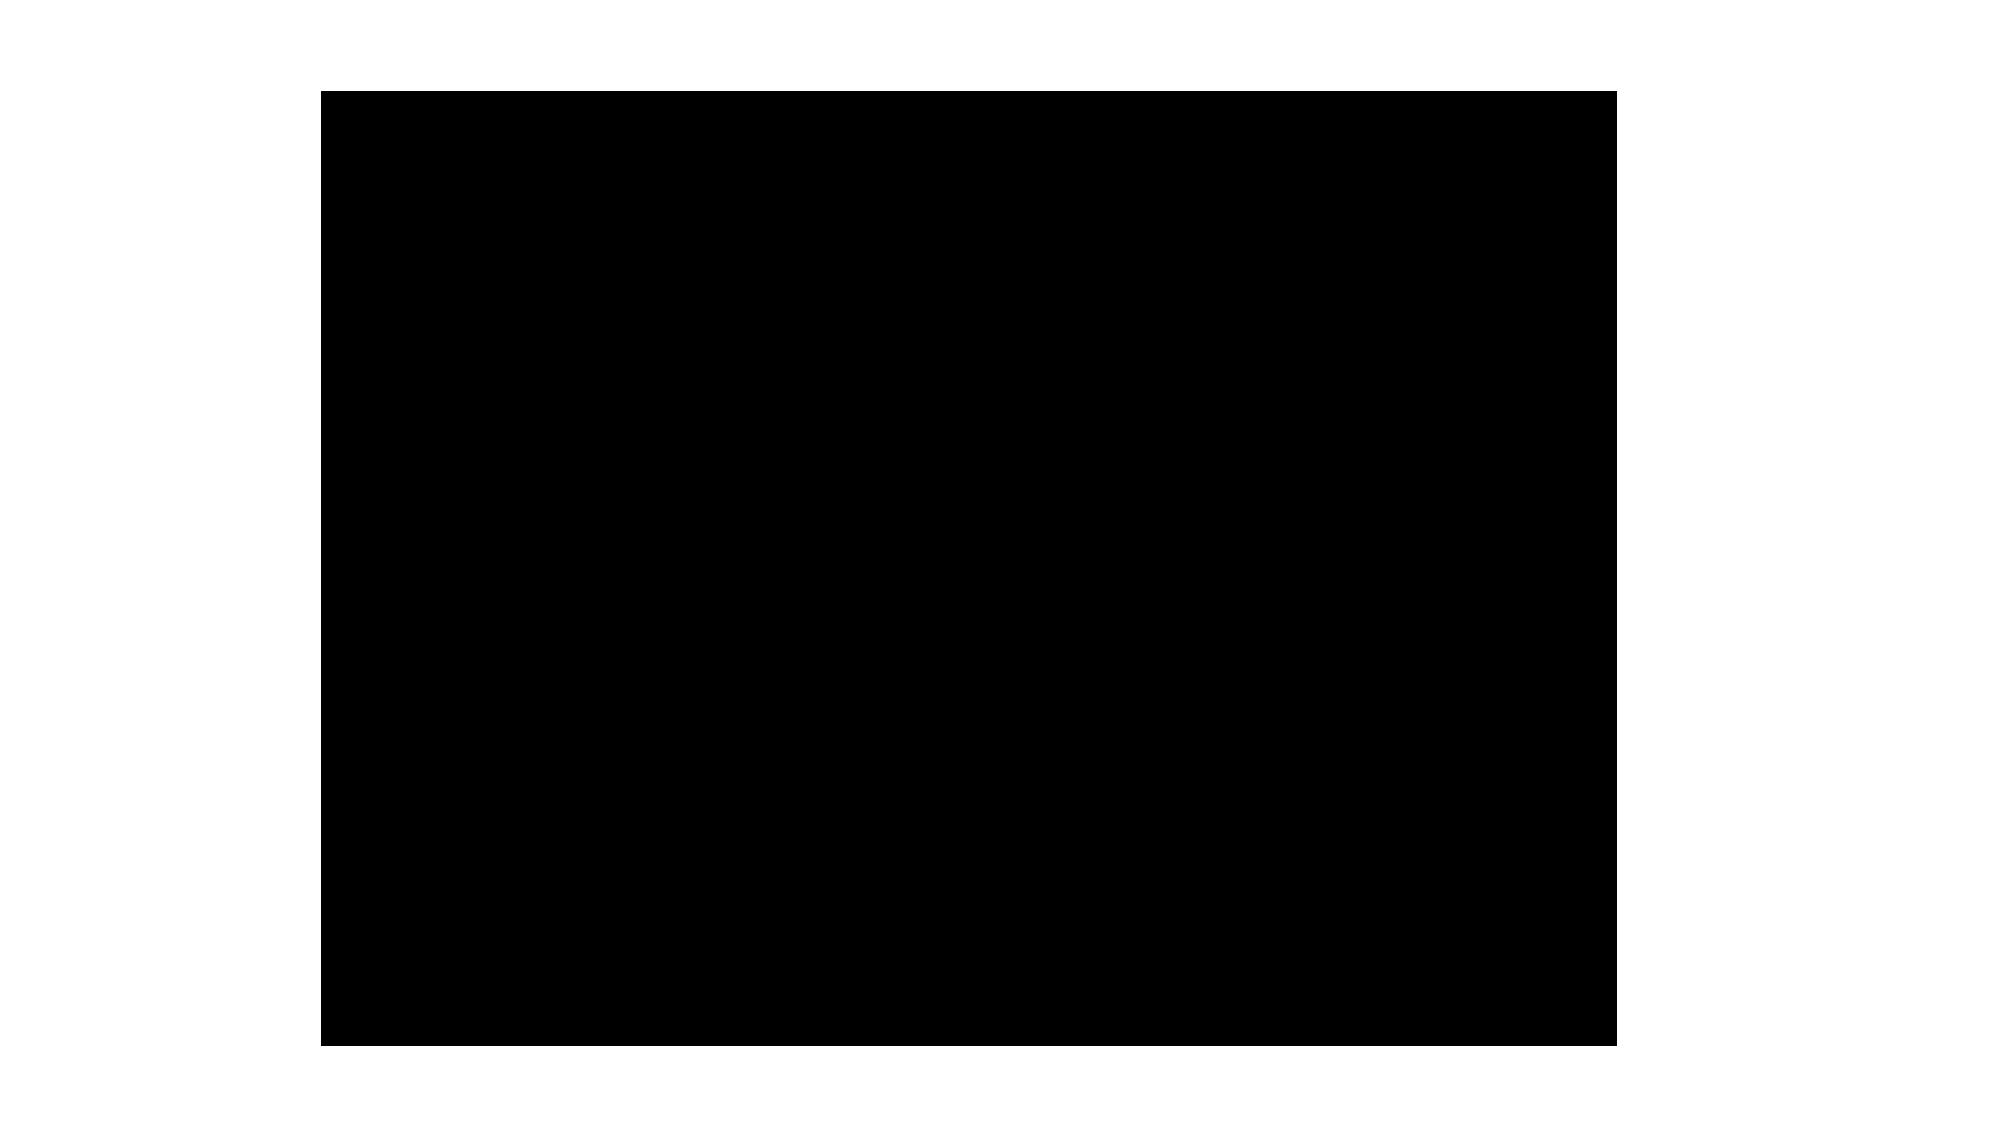 harald-martenstein-schreibtisch-ordnung-papierstapel